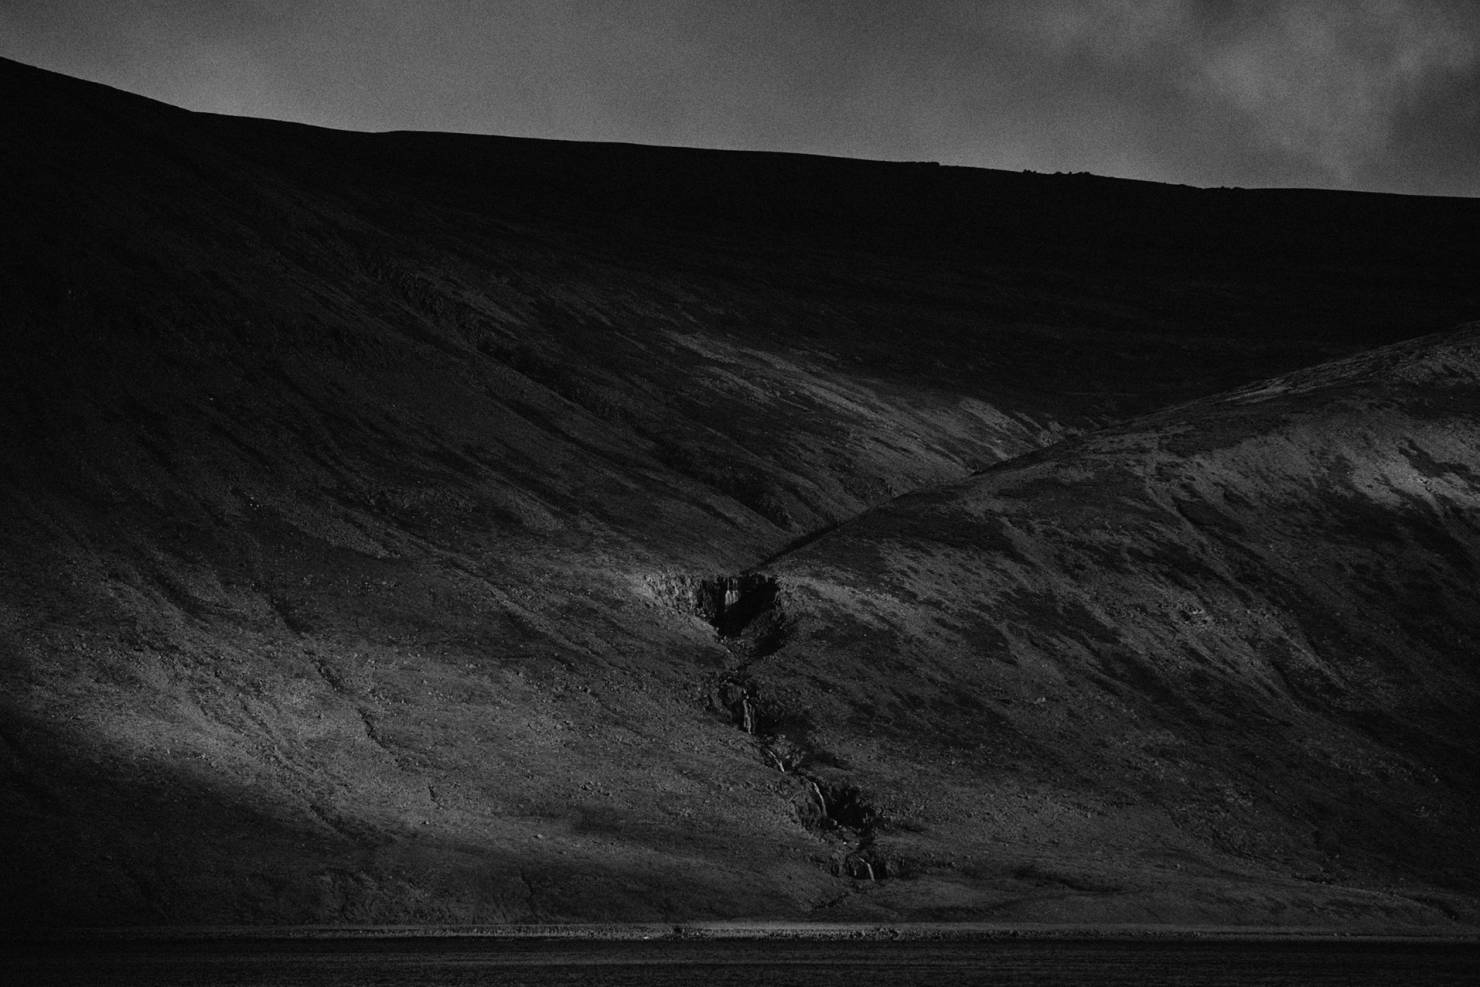 patrick_schuttler_landscape_iceland_014-c2ff430f6b2ff47bb7a541f071d3022d